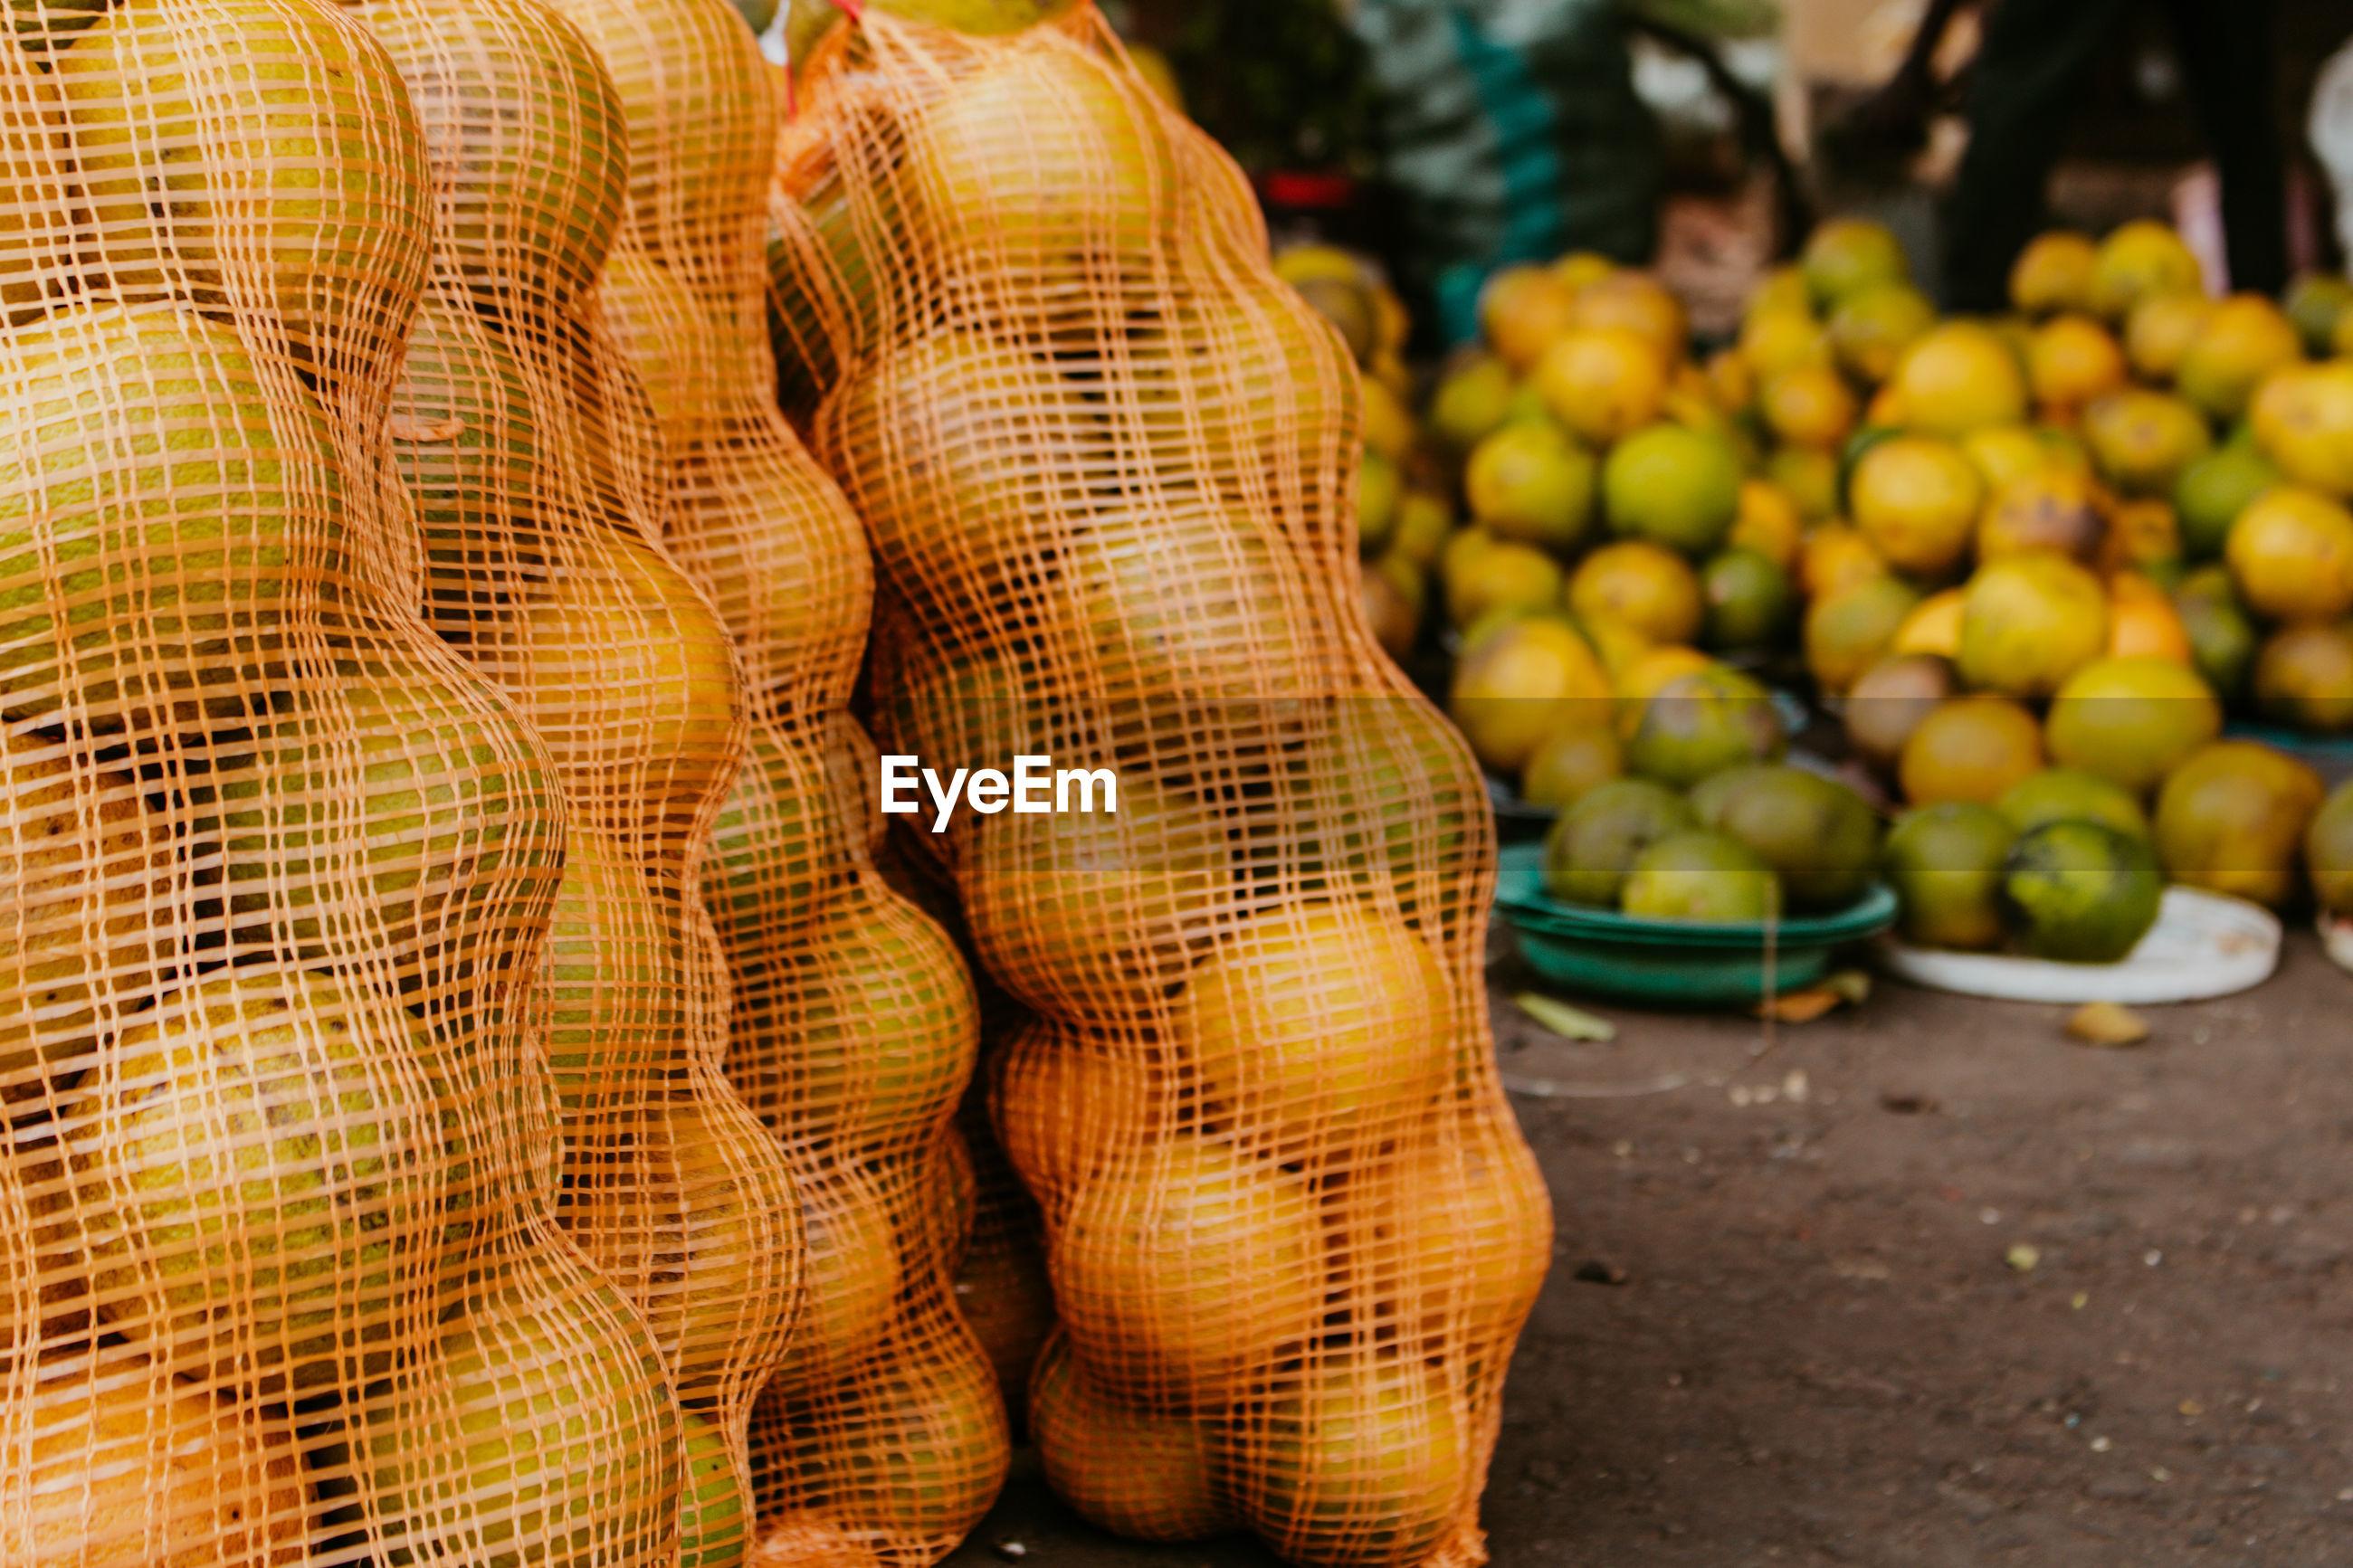 Orange fruits for sale at street market